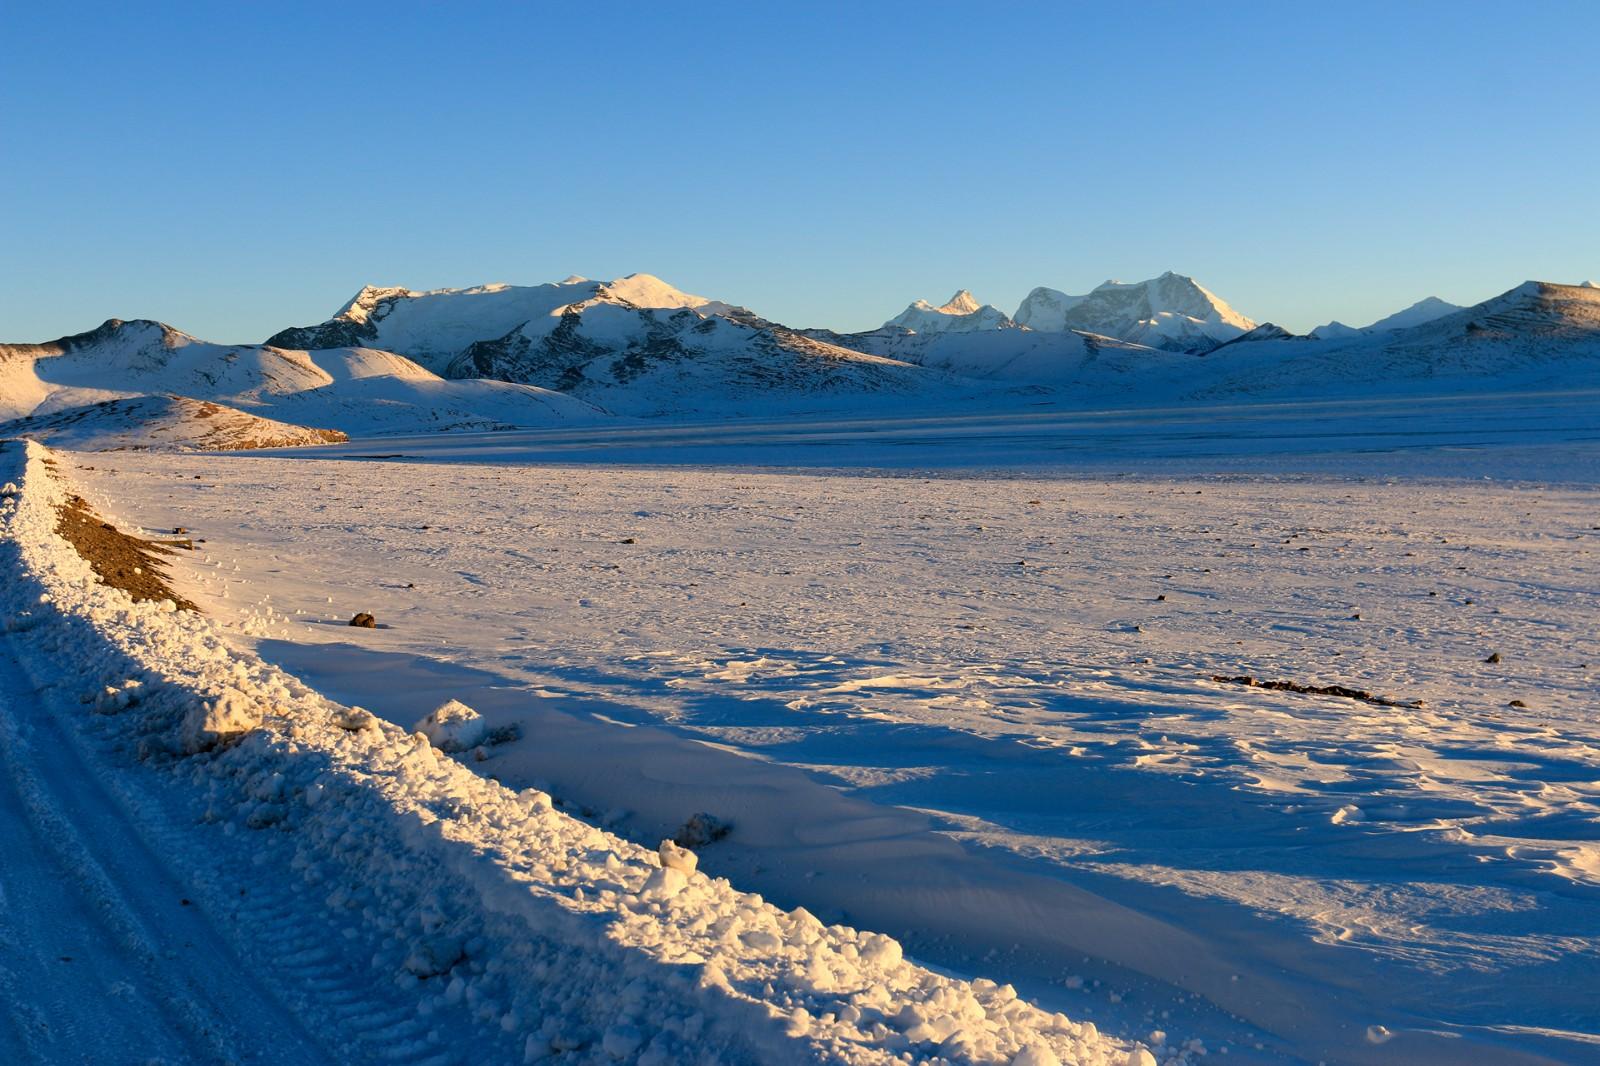 【新年再出发】冬游西藏,看冰封普莫雍错,去苦修者的圣地——桑耶与青朴